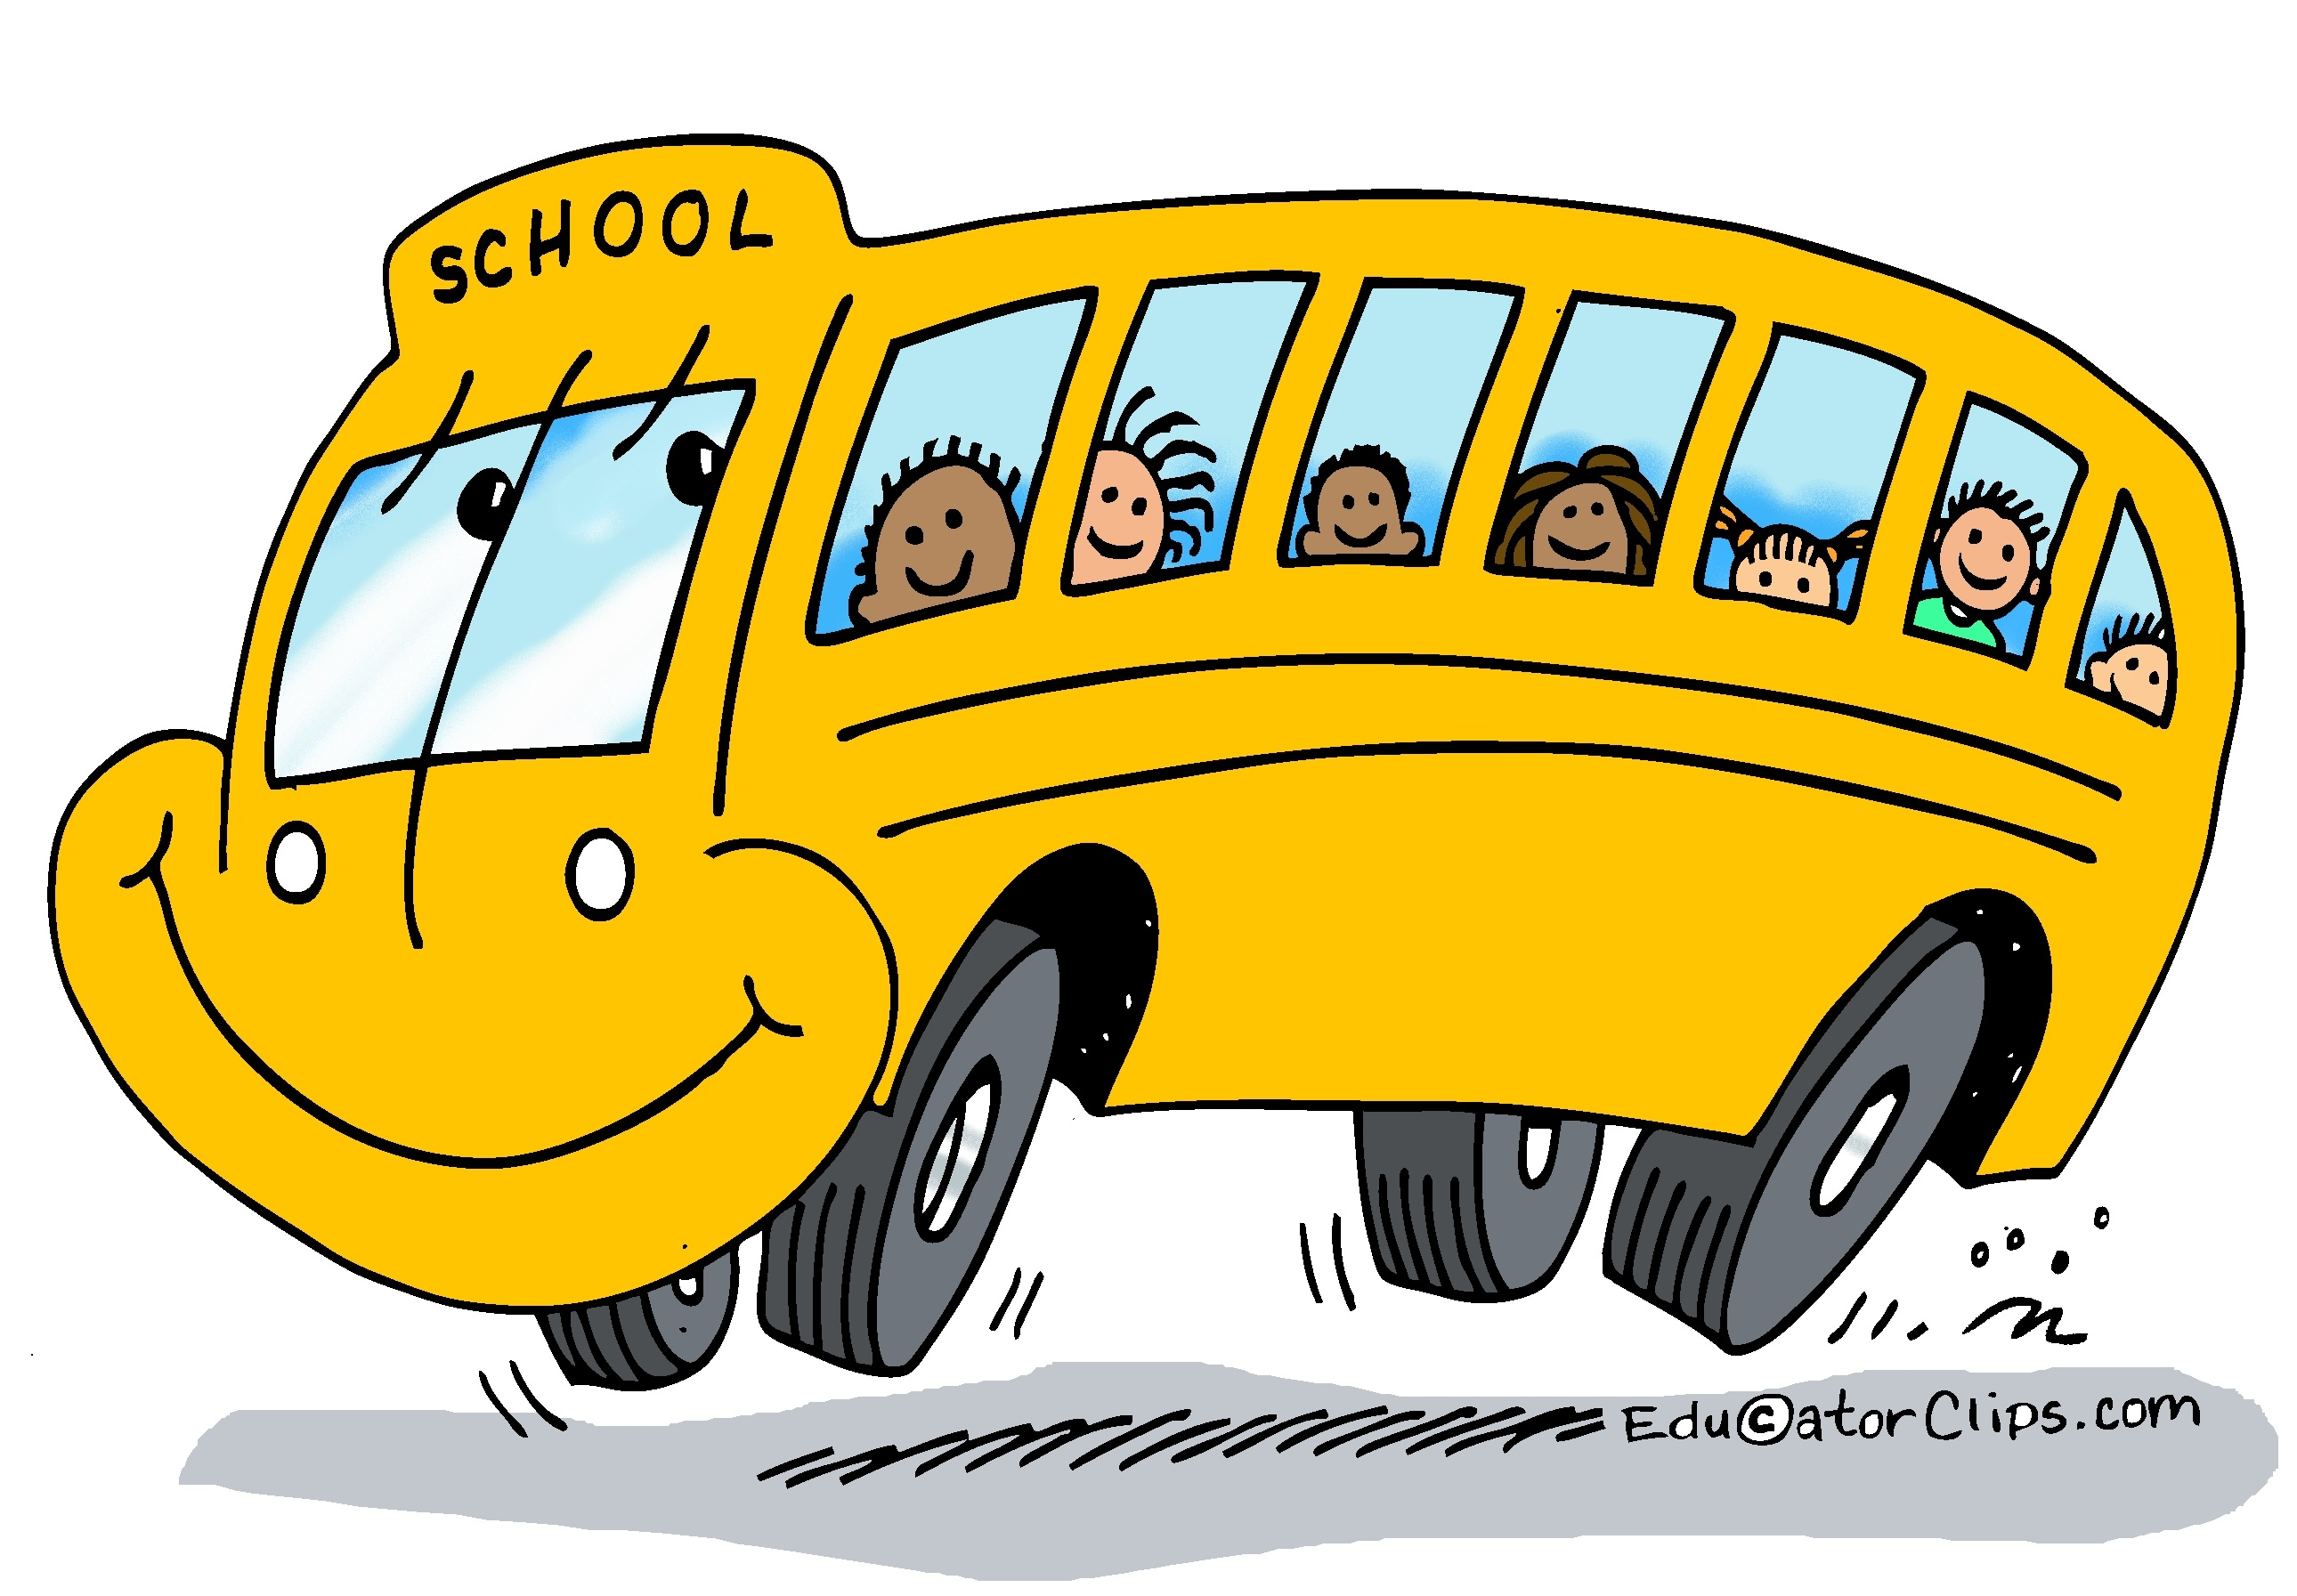 School bus color. Happy clip art